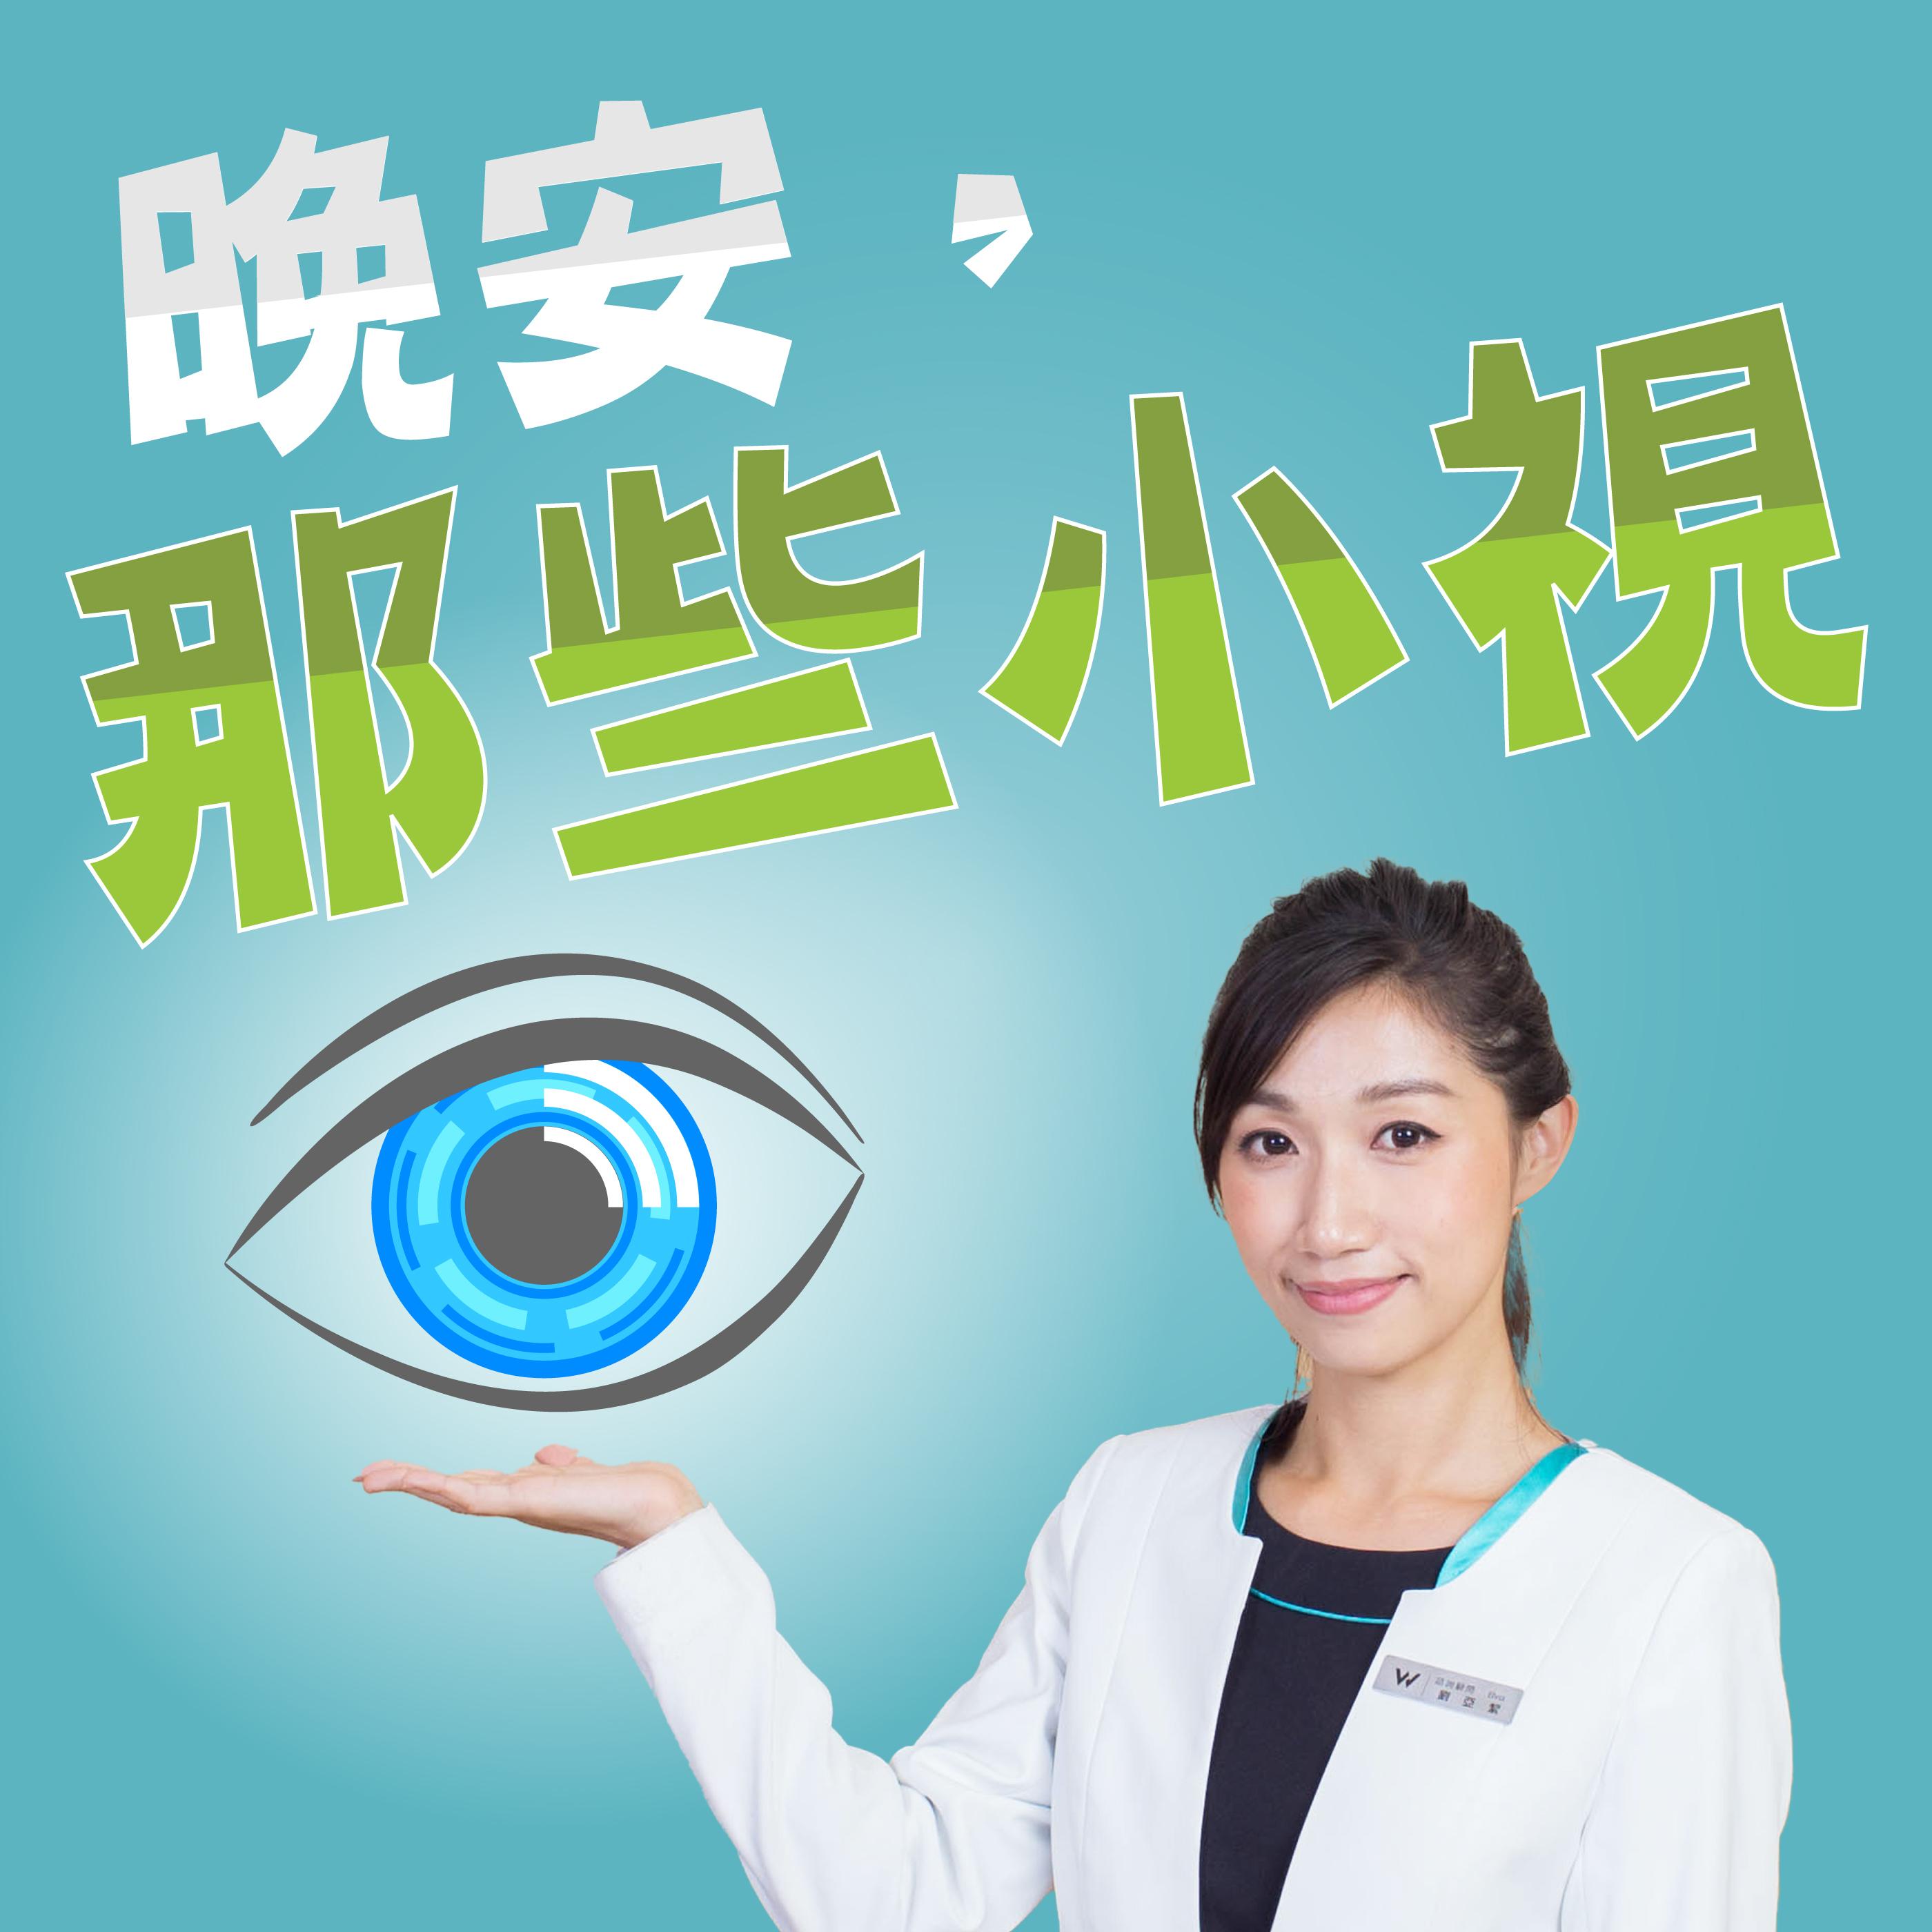 眼睛保健EP 01 眼睛使用一整天,趁著世界愛眼日,一起讓眼睛濰休片刻,用眼球操舒緩眼睛疲勞吧!